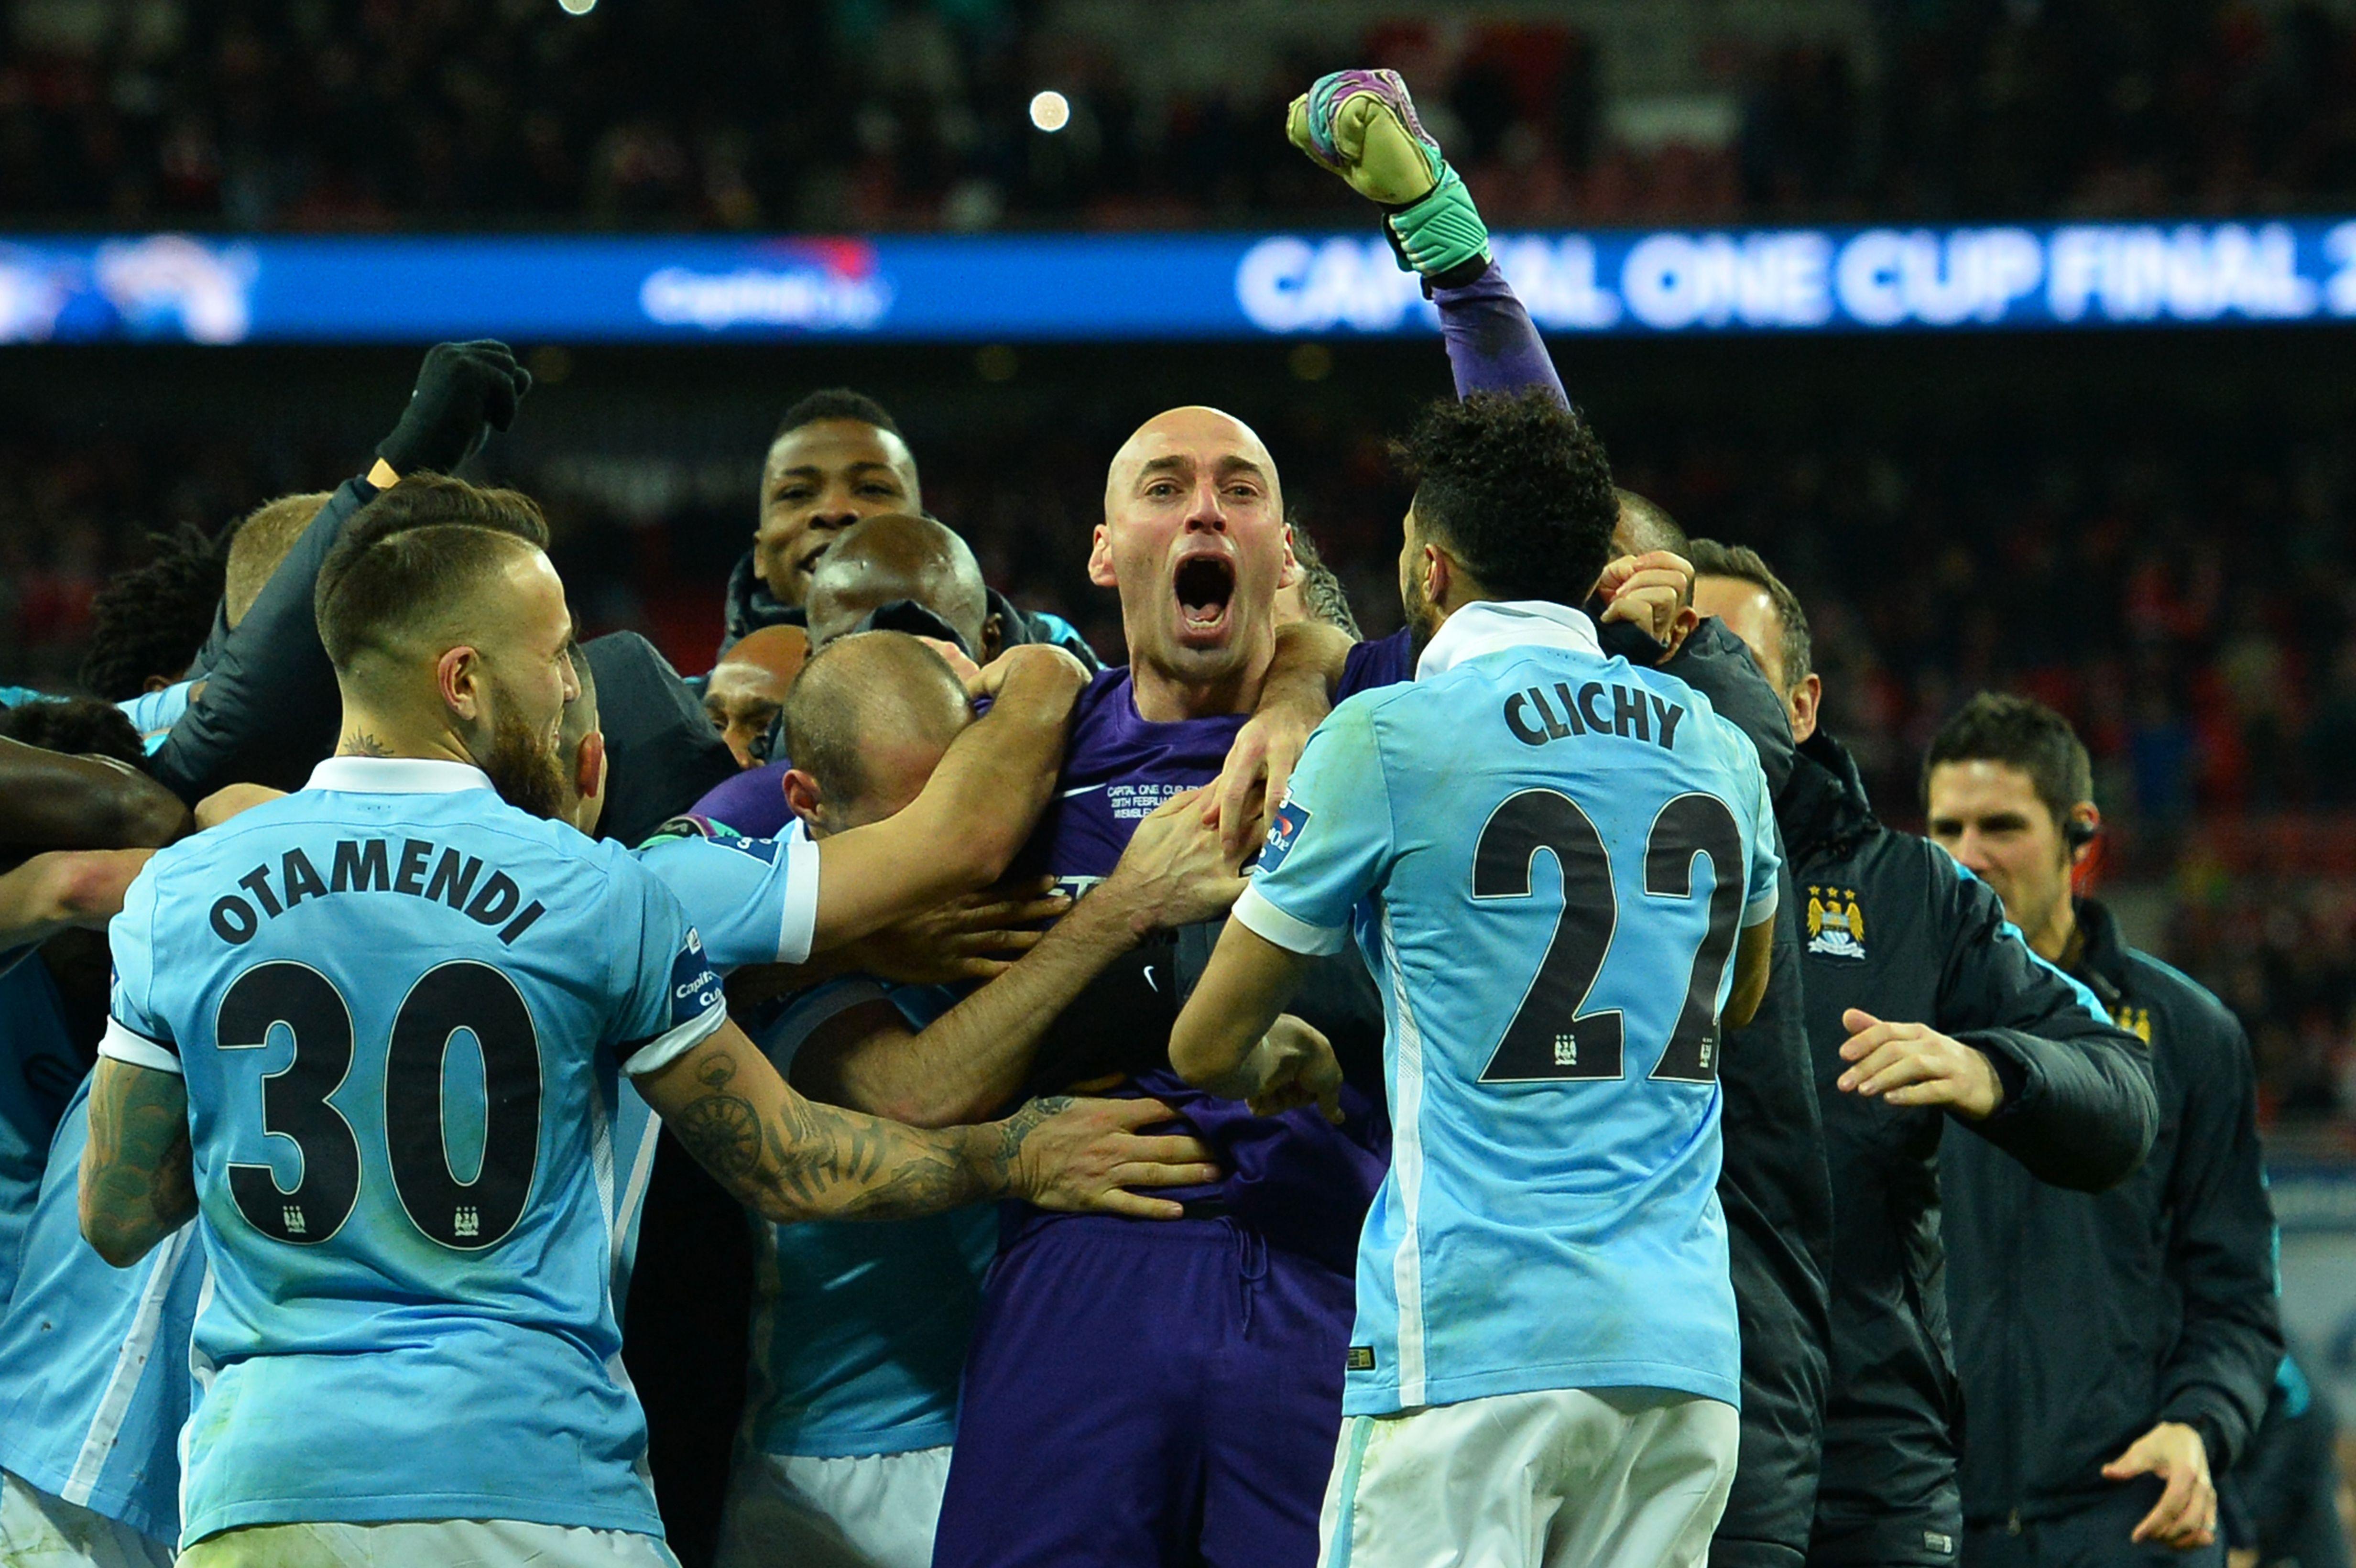 league cup final, liverpool, manchester city, city, trophy, lift, hoist, raise, watch, video, vine, twitter, champions, result, celebration, celebrate